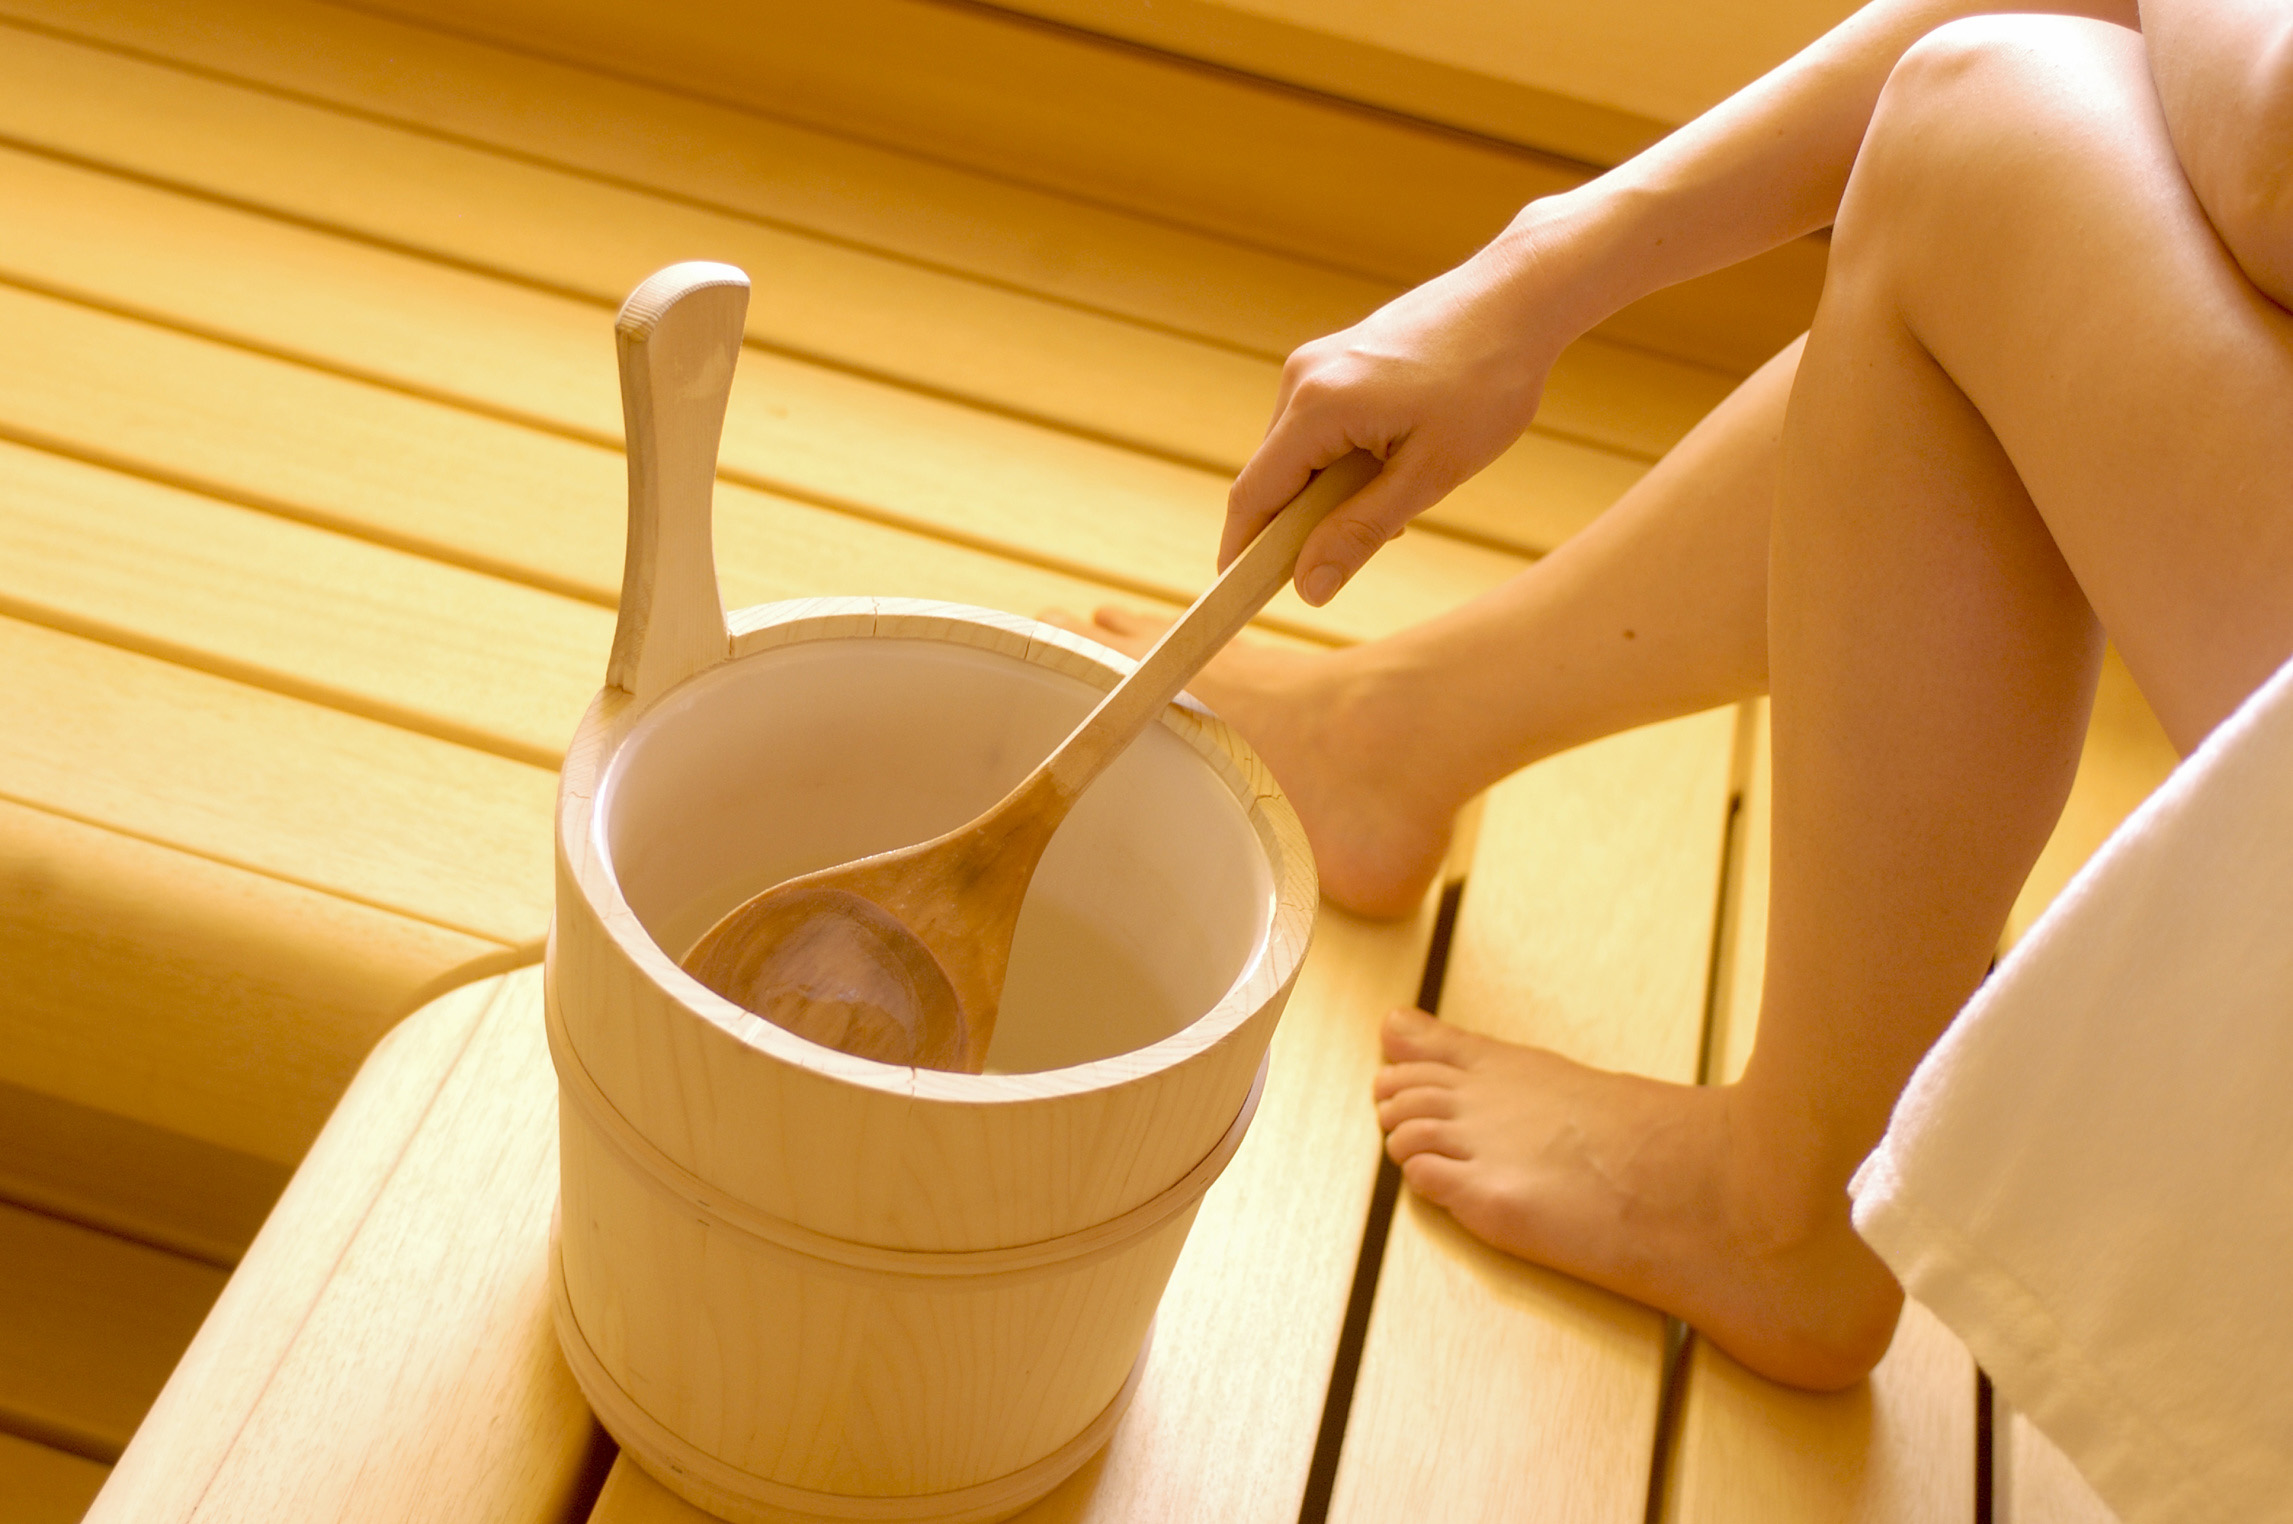 Tắm hơi - Một phương pháp chăm sóc sức khỏe tuyệt vời